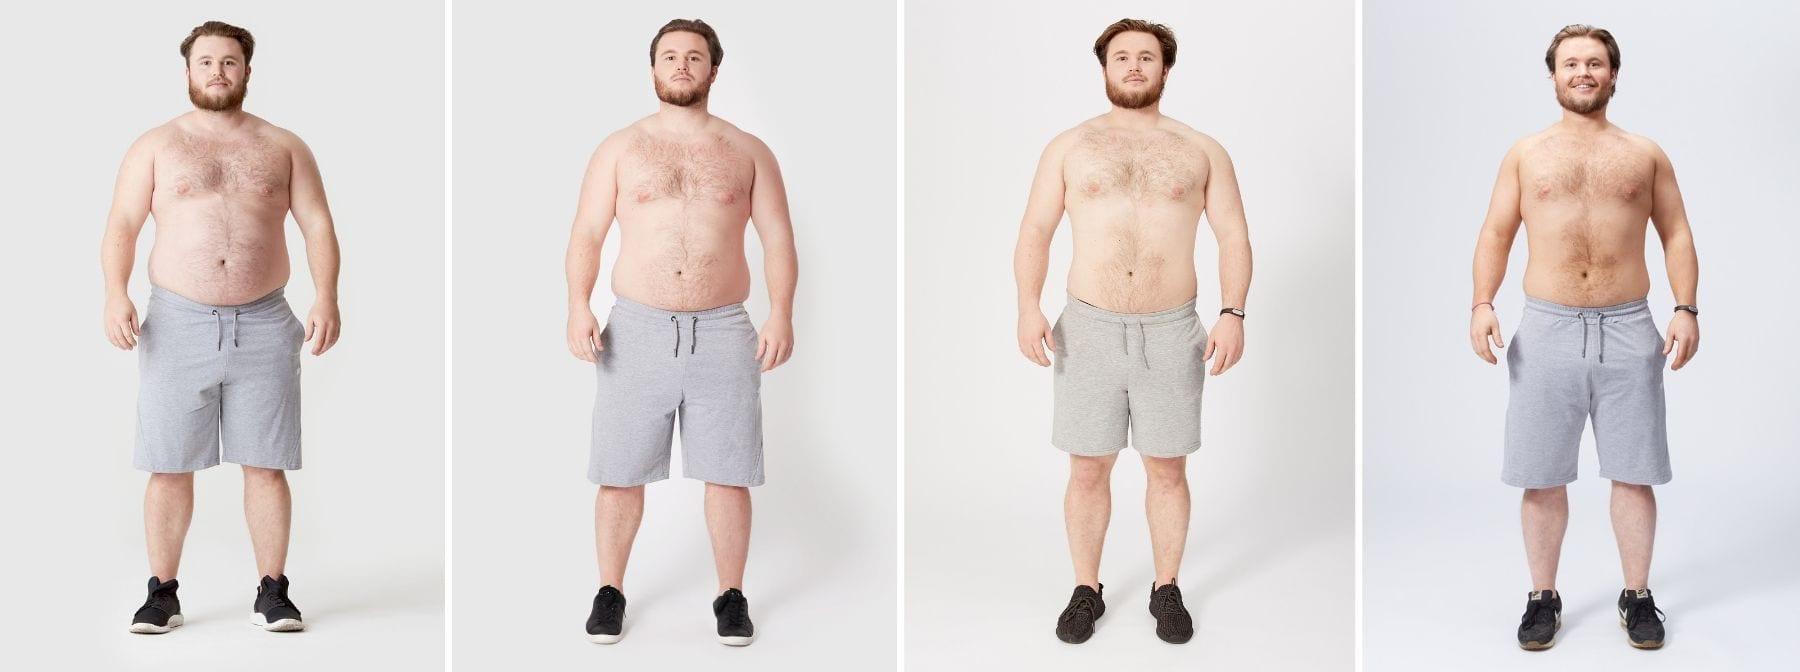 Vegan power vinden | Josh's Fitness Journey